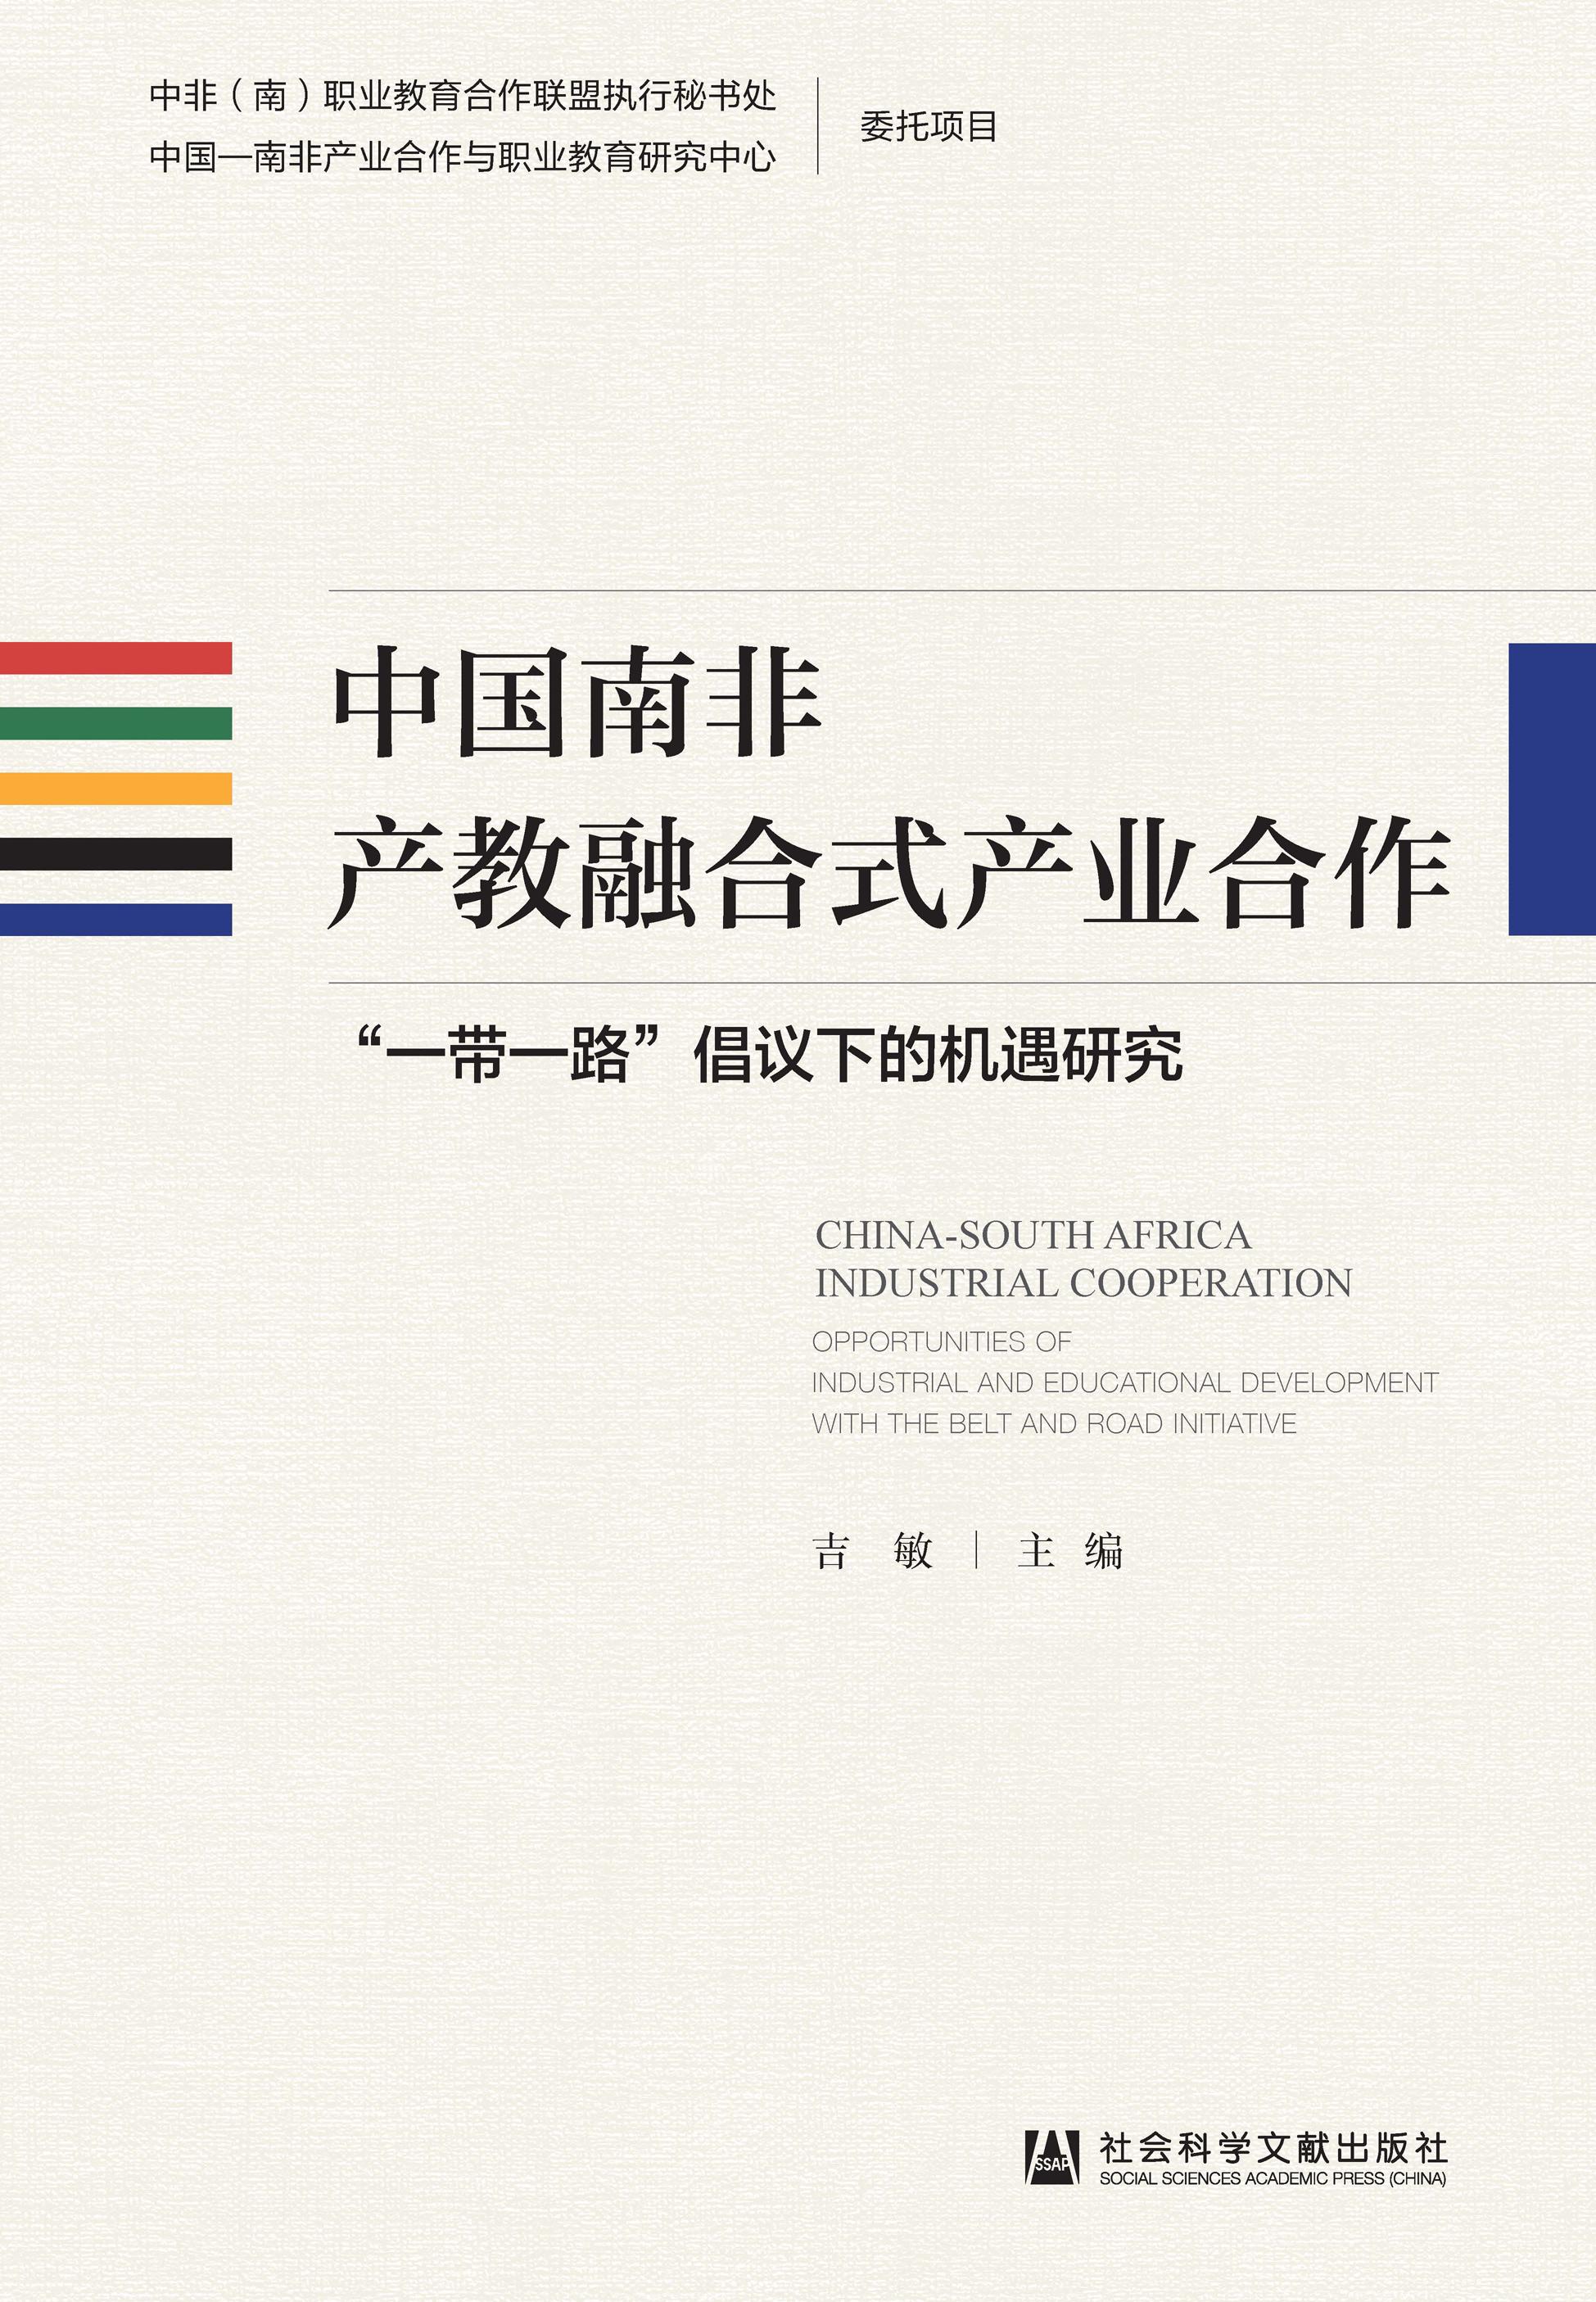 """中国南非产教融合式产业合作:""""一带一路""""倡议下的机遇研究"""